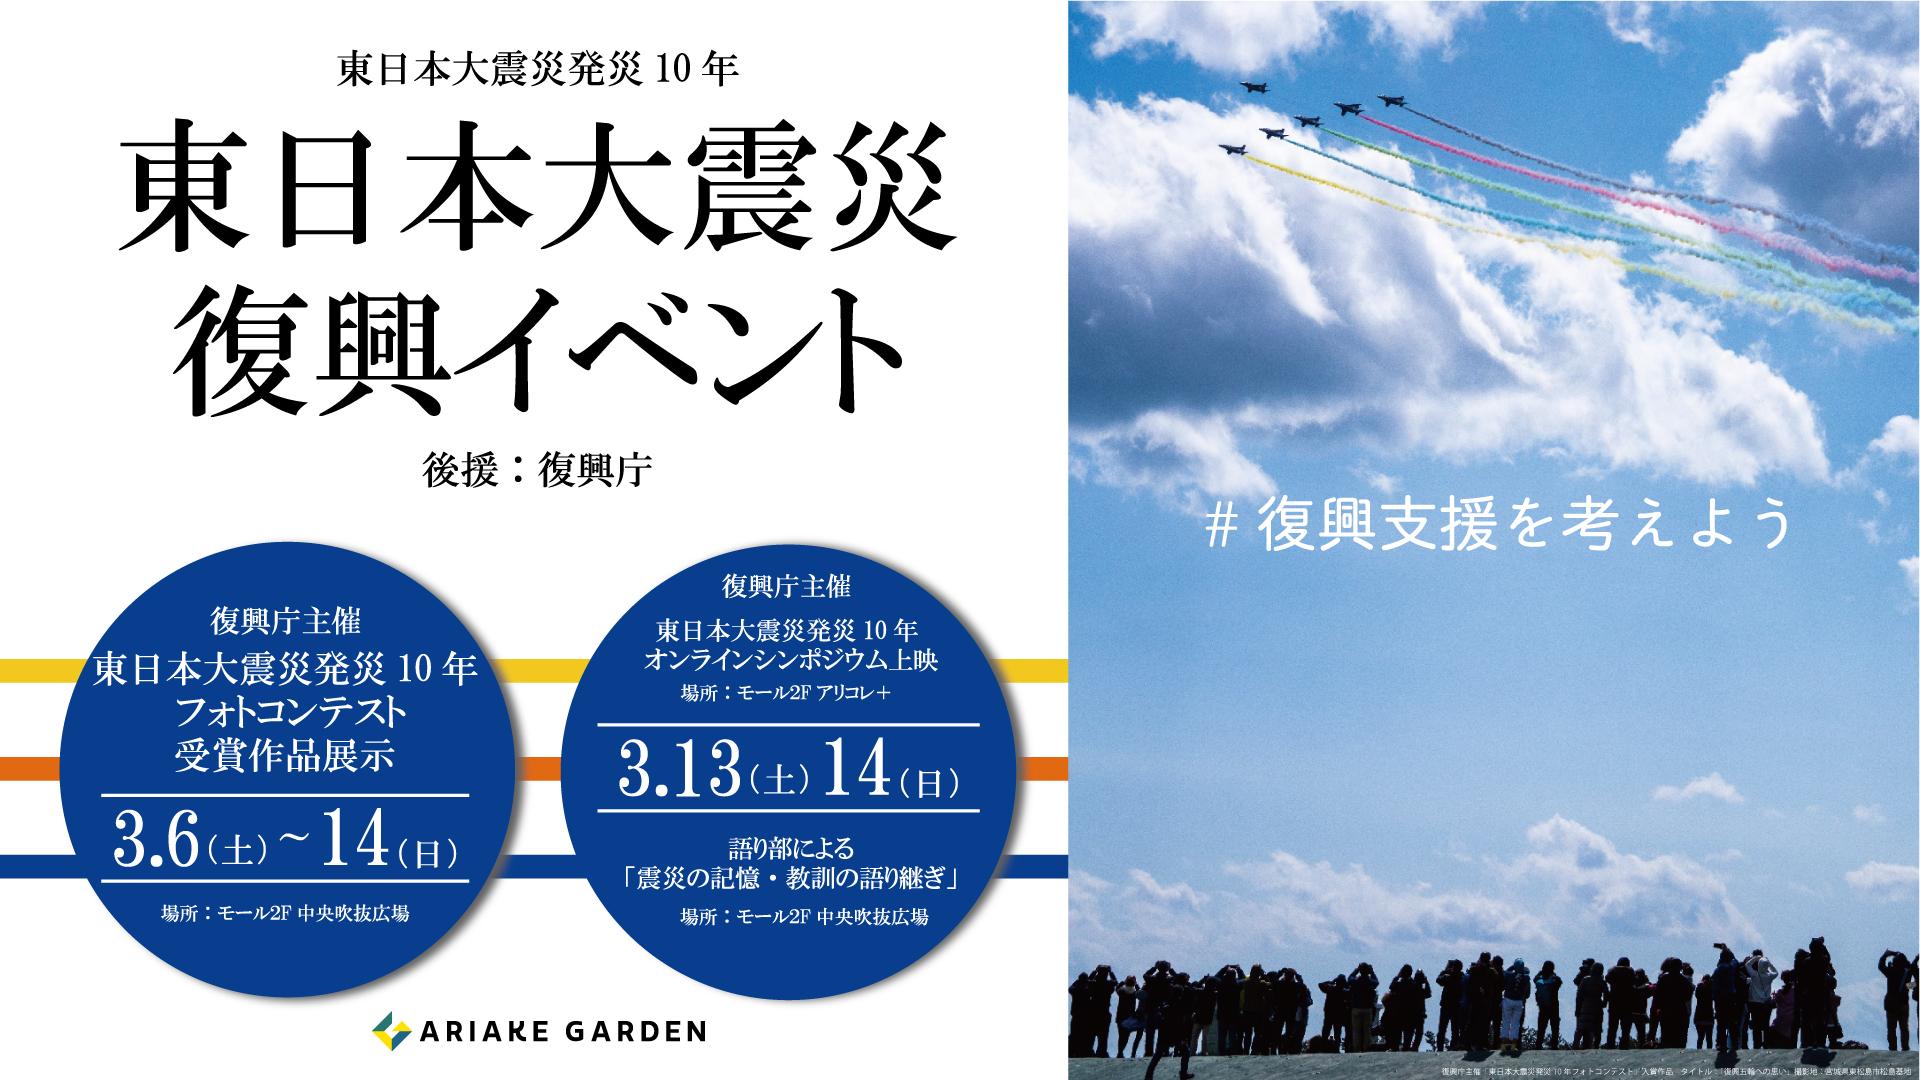 有明ガーデン 復興庁後援「東日本大震災発災10年 一人ひとりが復興支援 ...